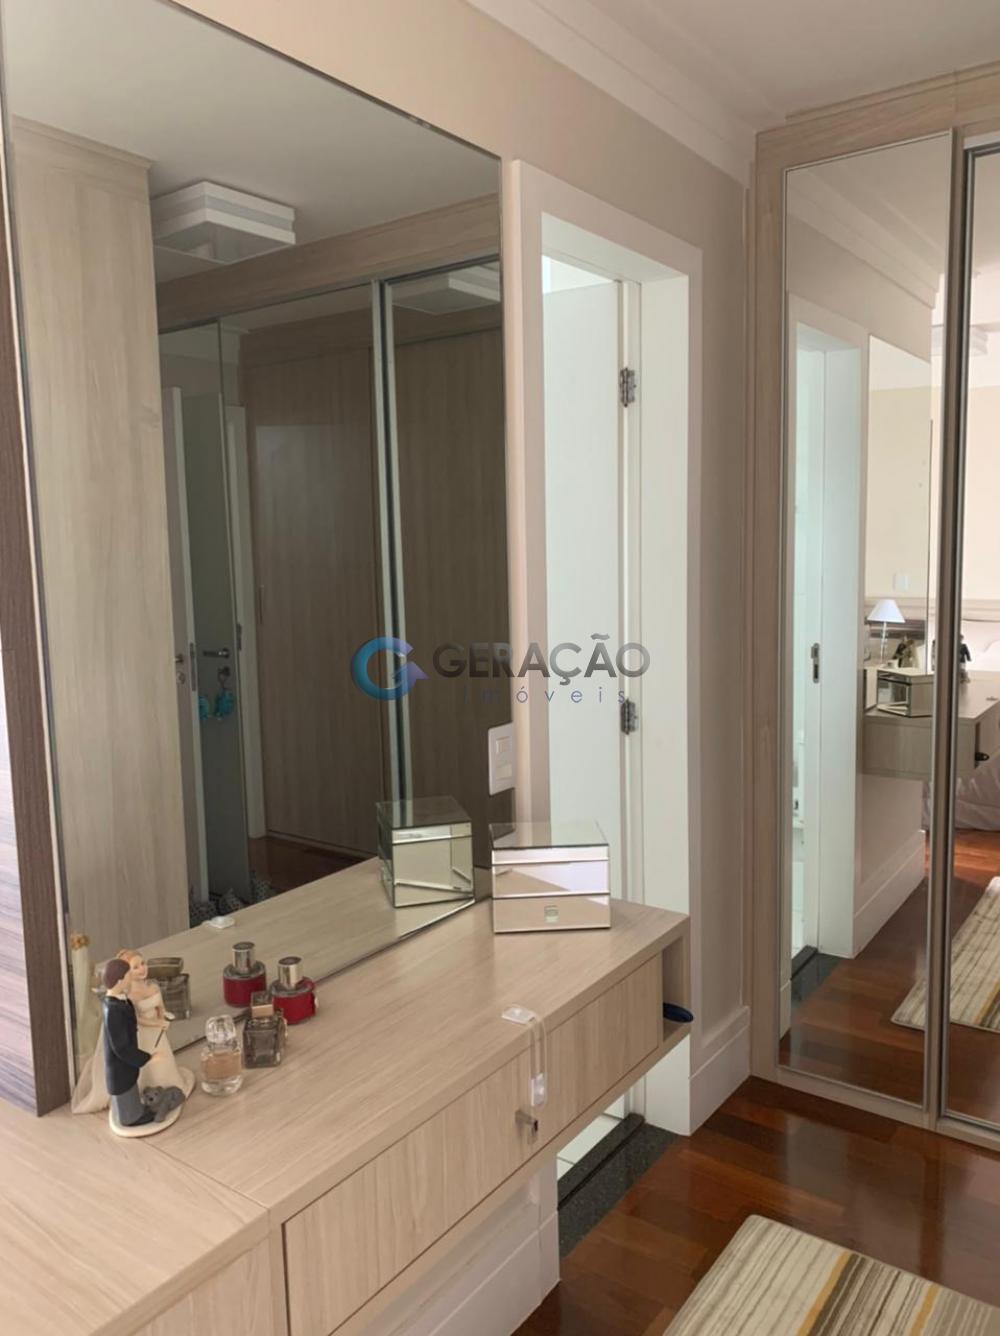 Comprar Apartamento / Padrão em São José dos Campos apenas R$ 1.050.000,00 - Foto 24